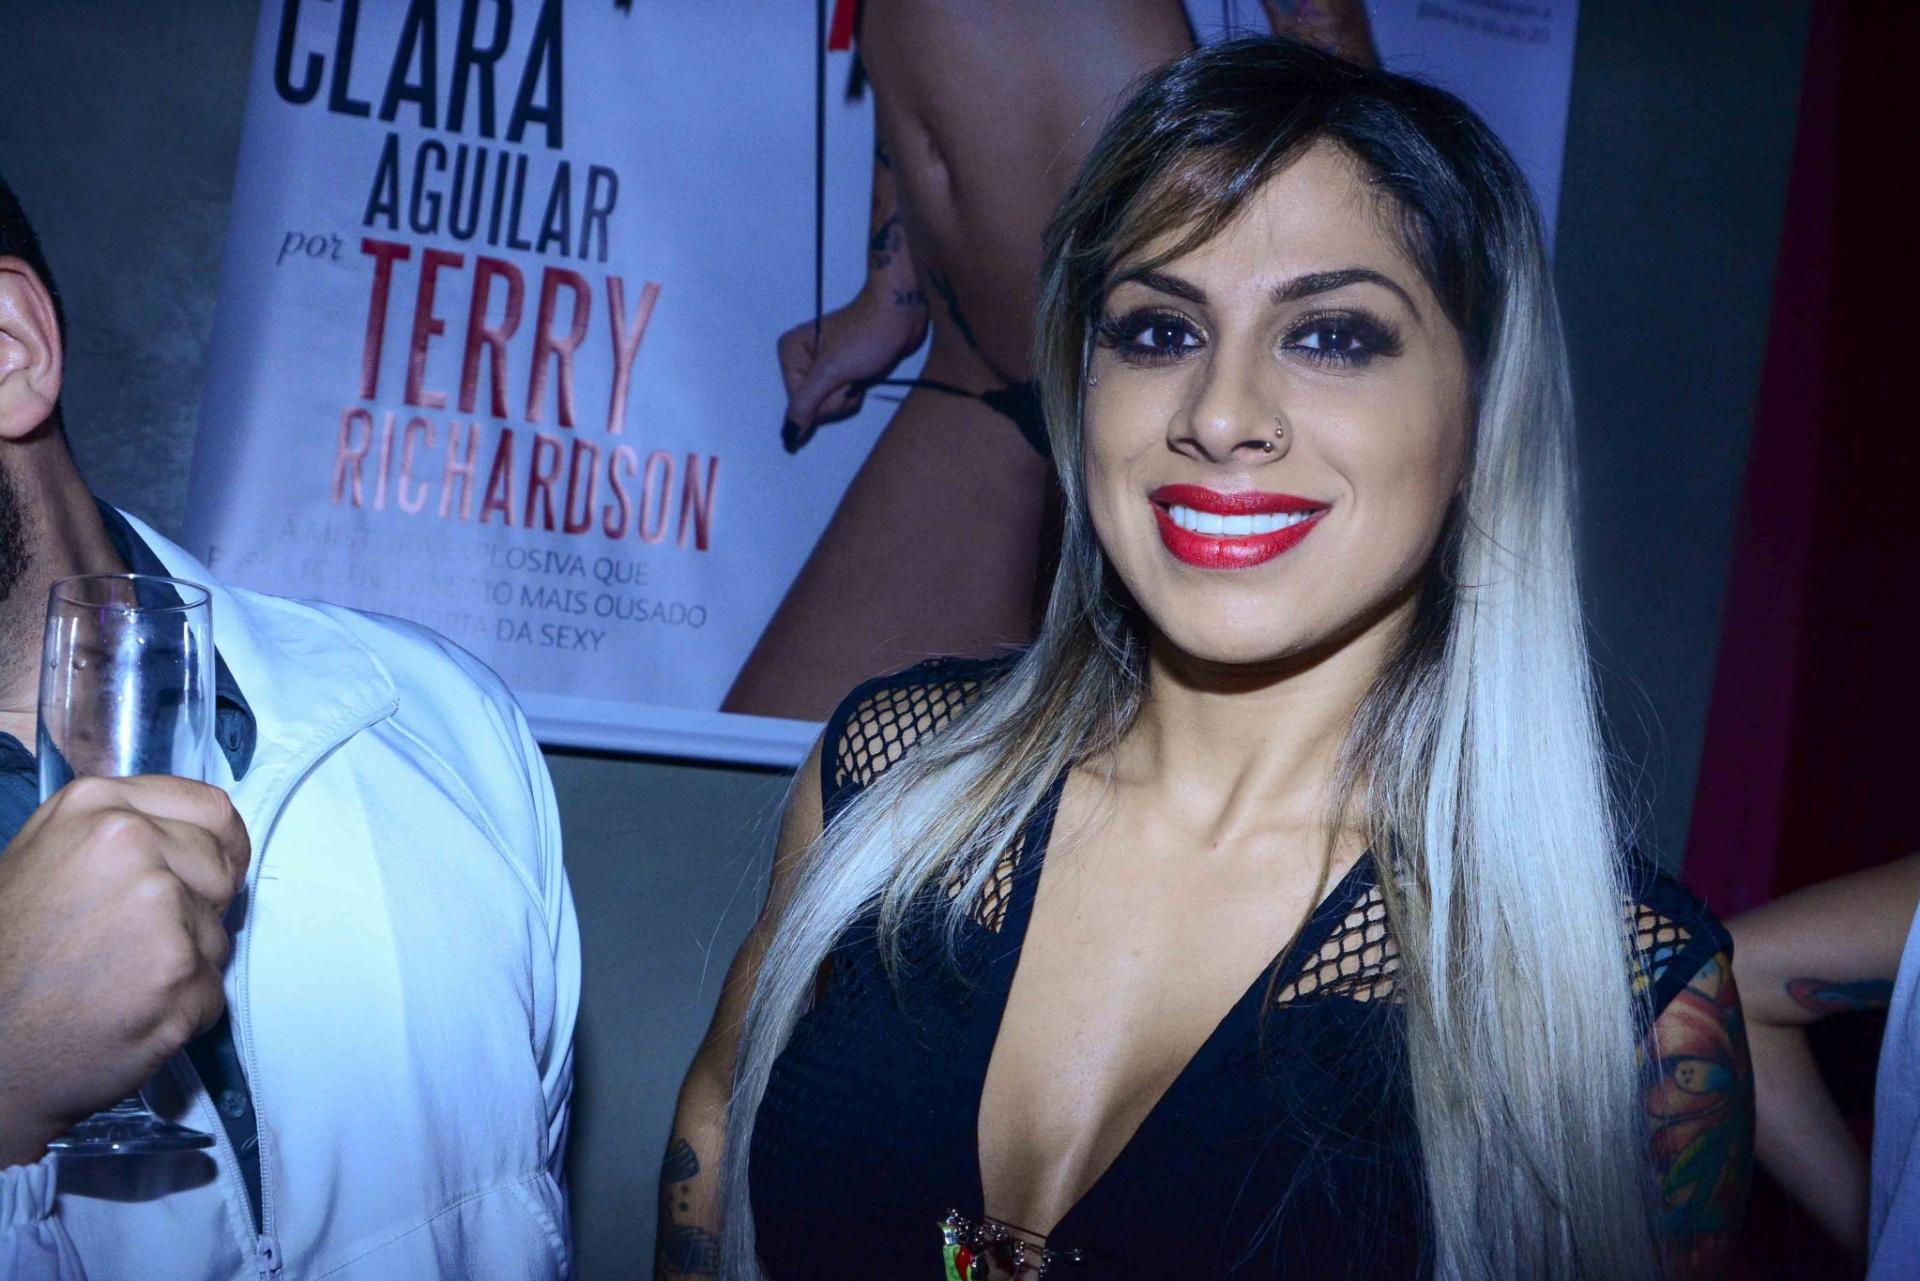 4.nov.2014 - Ex-affair, a ex-BBB Vanessa Mesquita vai ao lançamento do ensaio nu da ex-sister Clara Aguilar para a edição de aniversário da revista Sexy, nesta terça-feira, em uma casa noturna de São Paulo